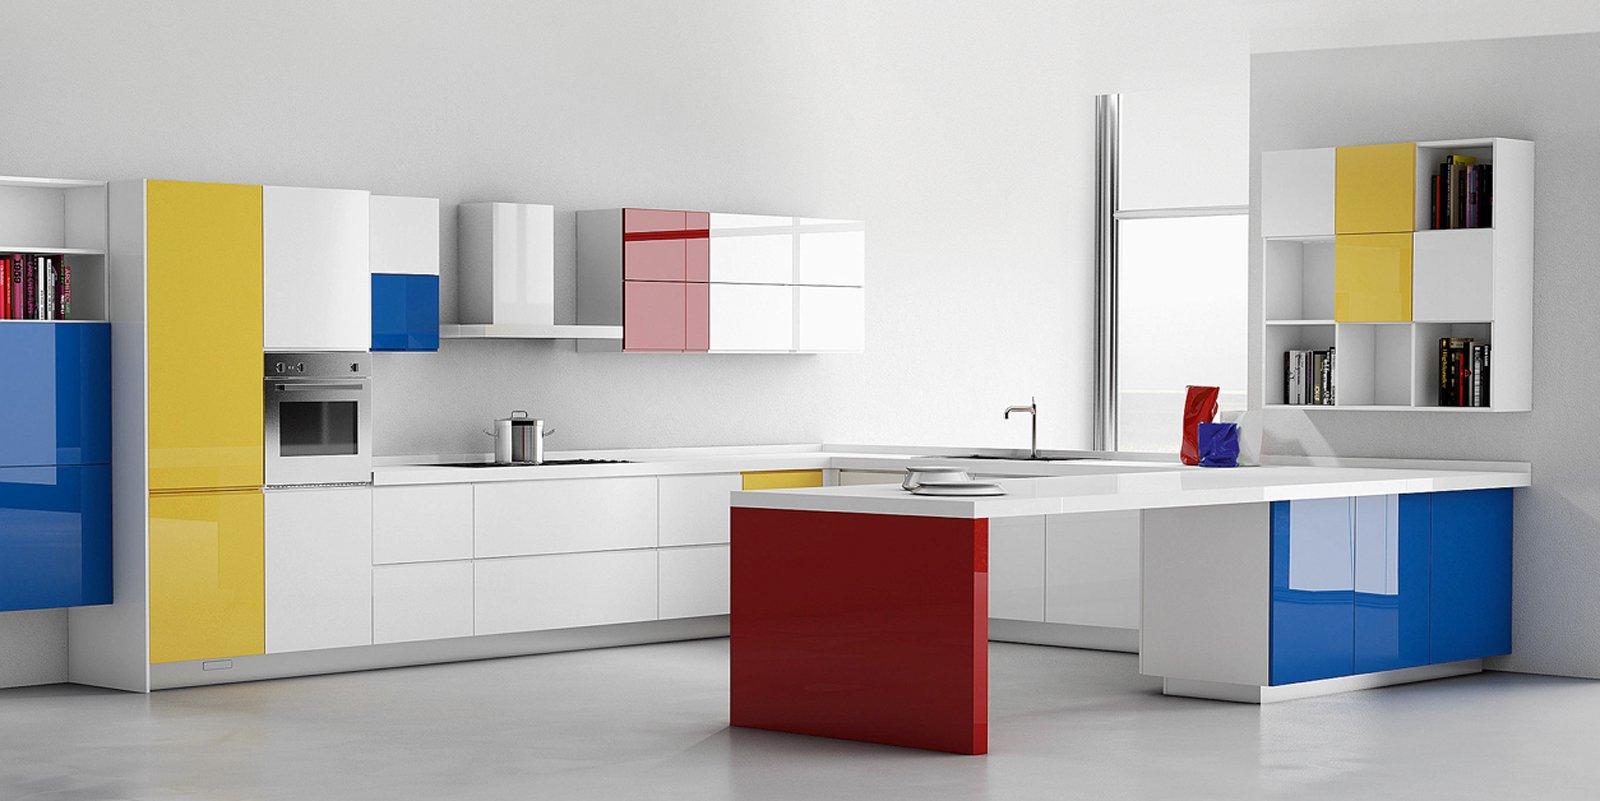 La cucina colorata un guizzo di vitalit cose di casa for Piastrelle cucina colorate